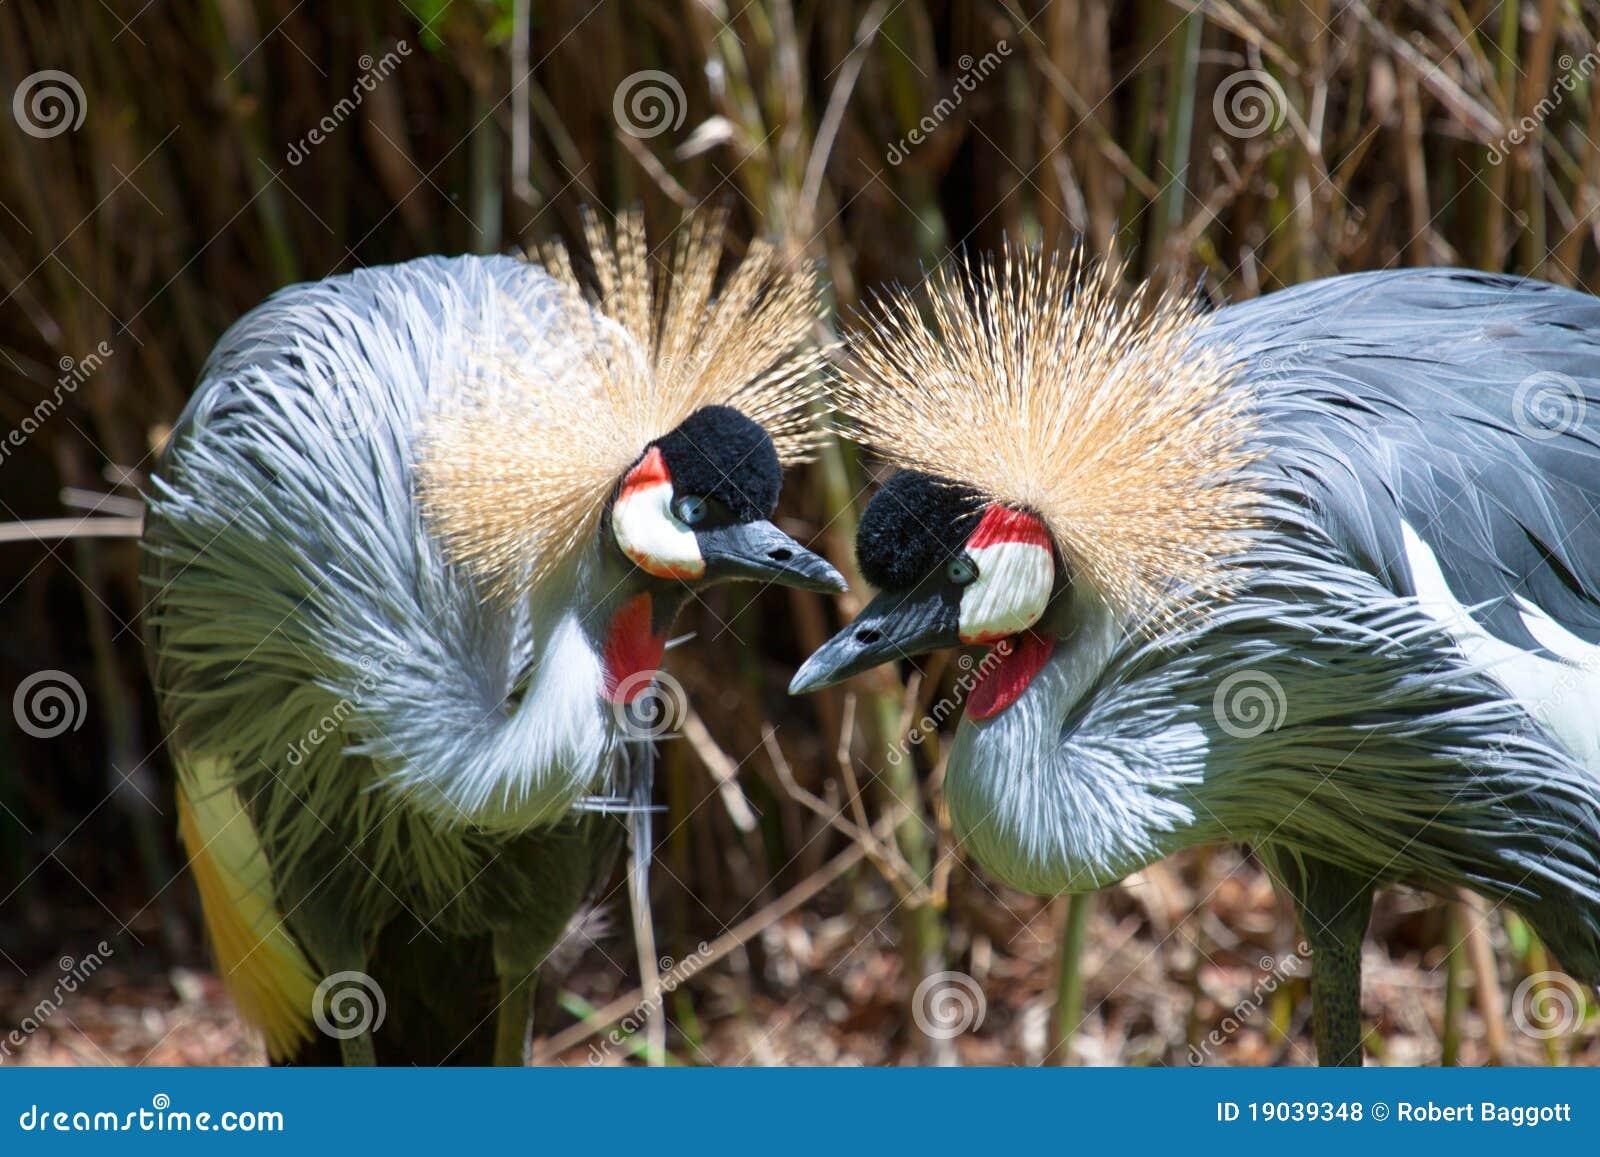 Afrykanina żurawia koronowany wschód